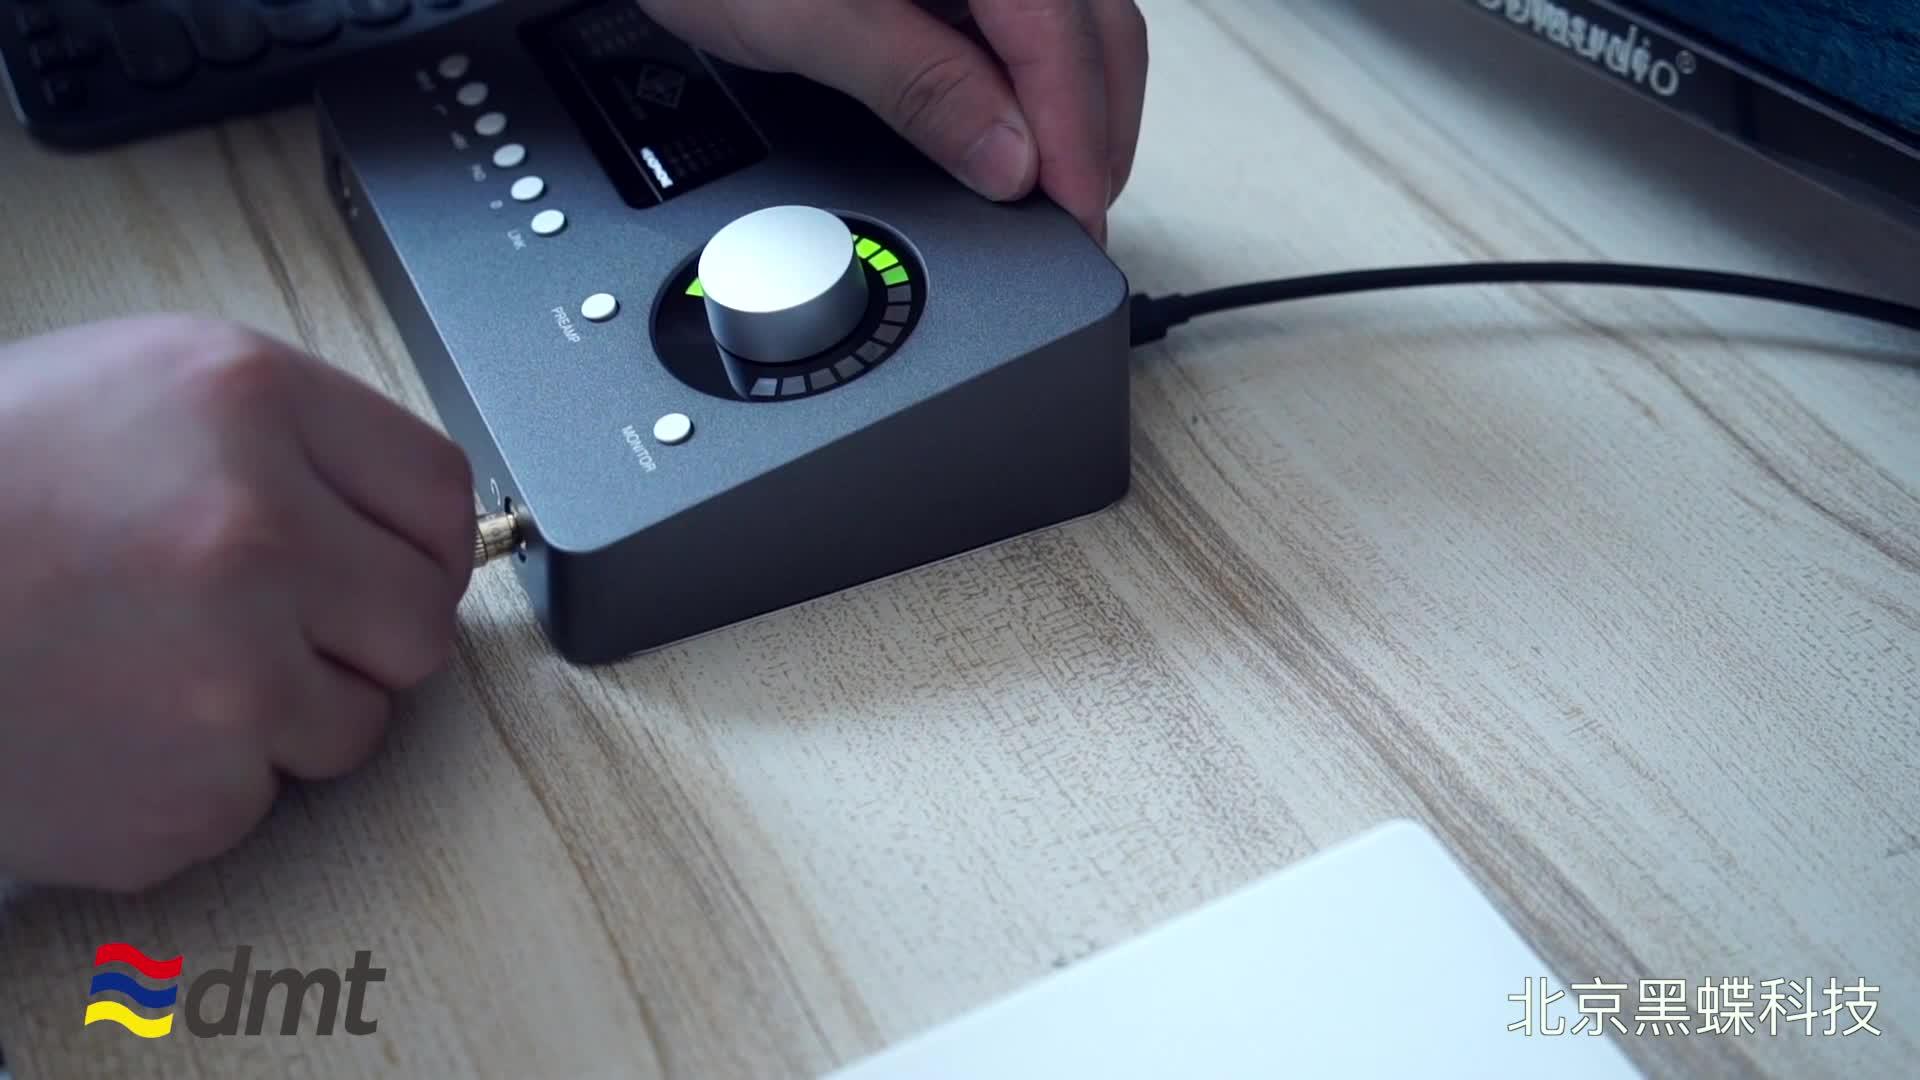 05 - UAD plug-ins (Free)